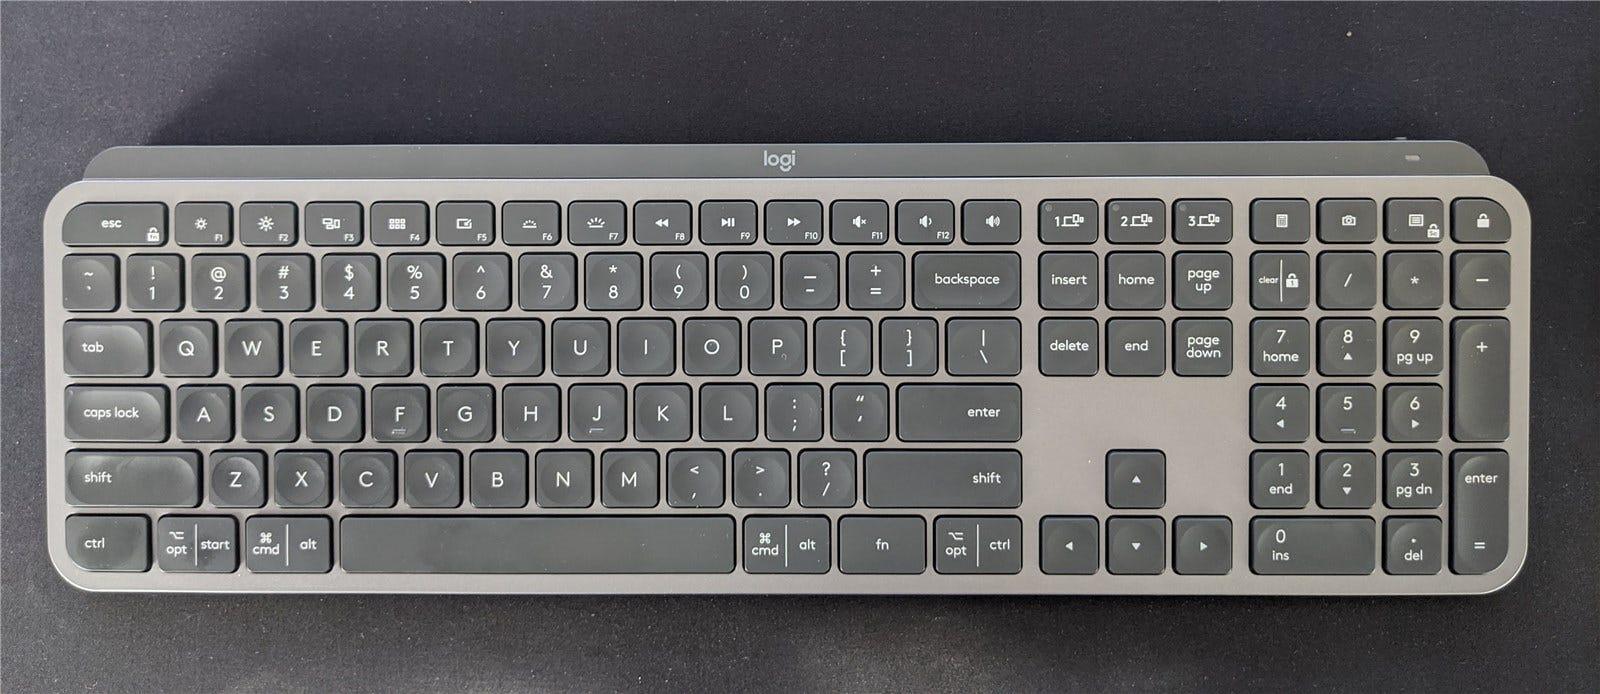 The MX Keys